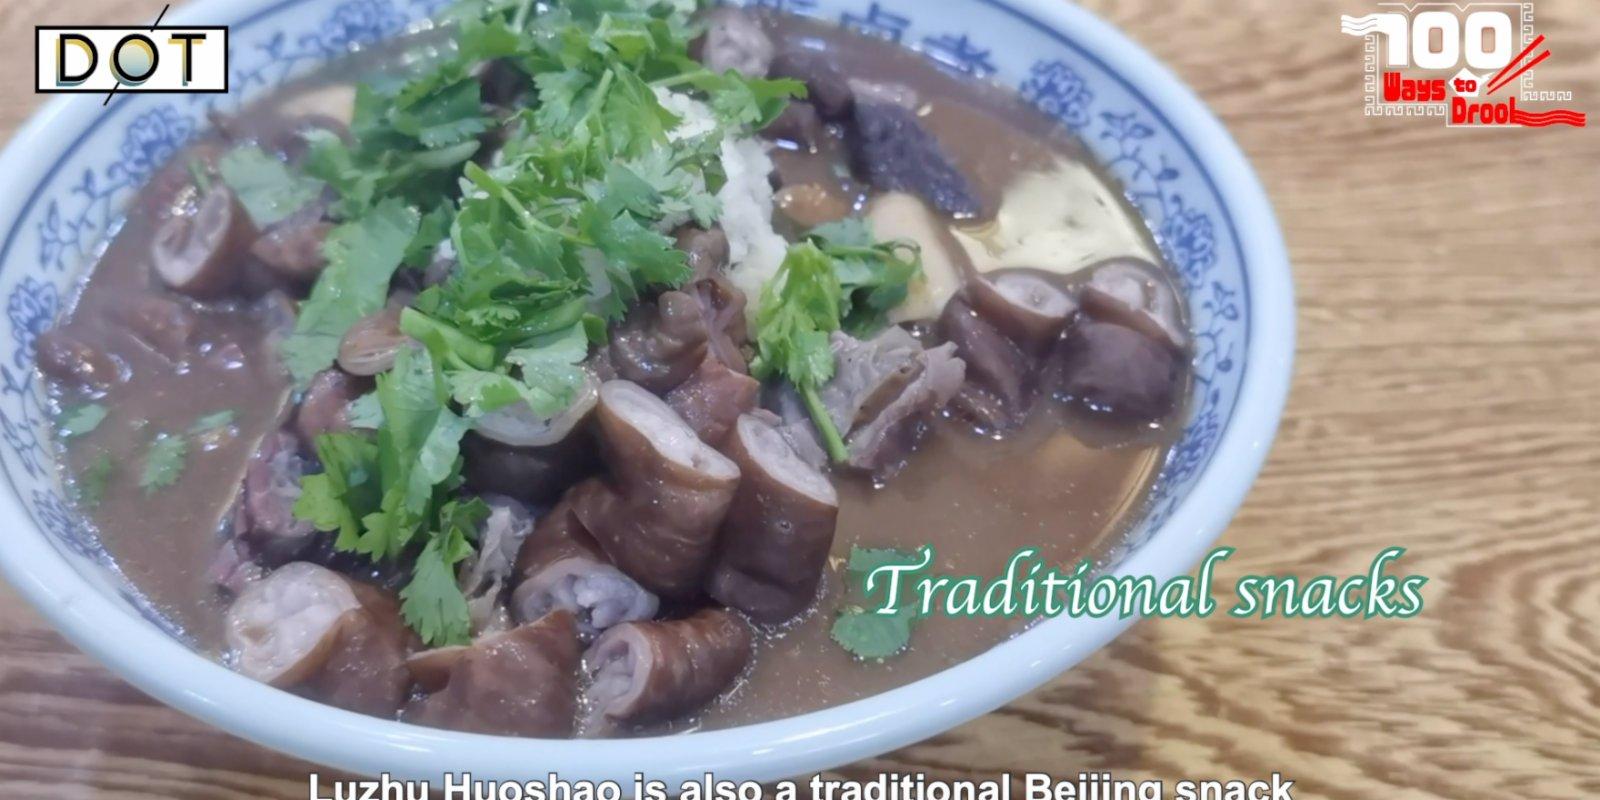 100 Ways To Drool | Beijing's unique flavor: Luzhu Huoshao